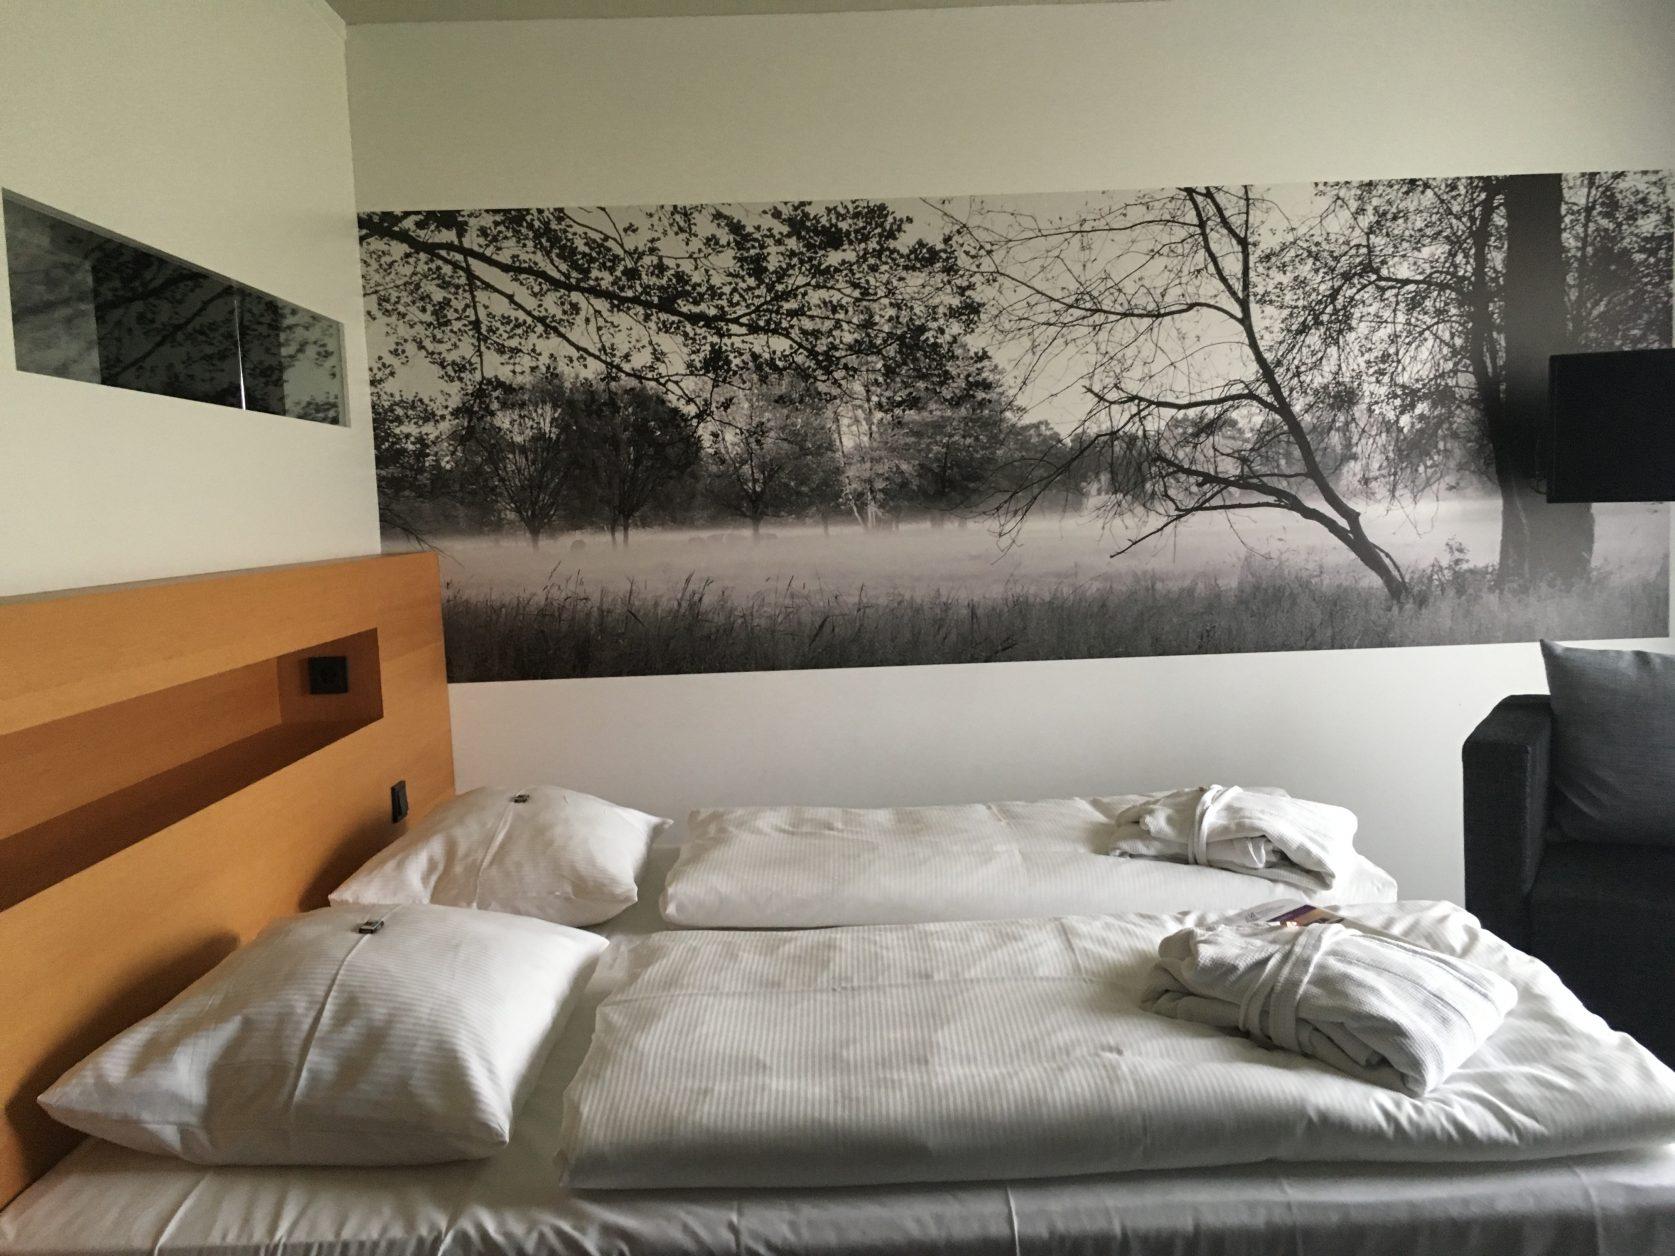 Angekommen Im Stilvollen Zimmer Mit Klaren Linien Und Modernem Raum  Und  Farbkonzept, Fällt Unser Blick Auf Eine Großformatige Schwarz Weiße  Fototapete ...